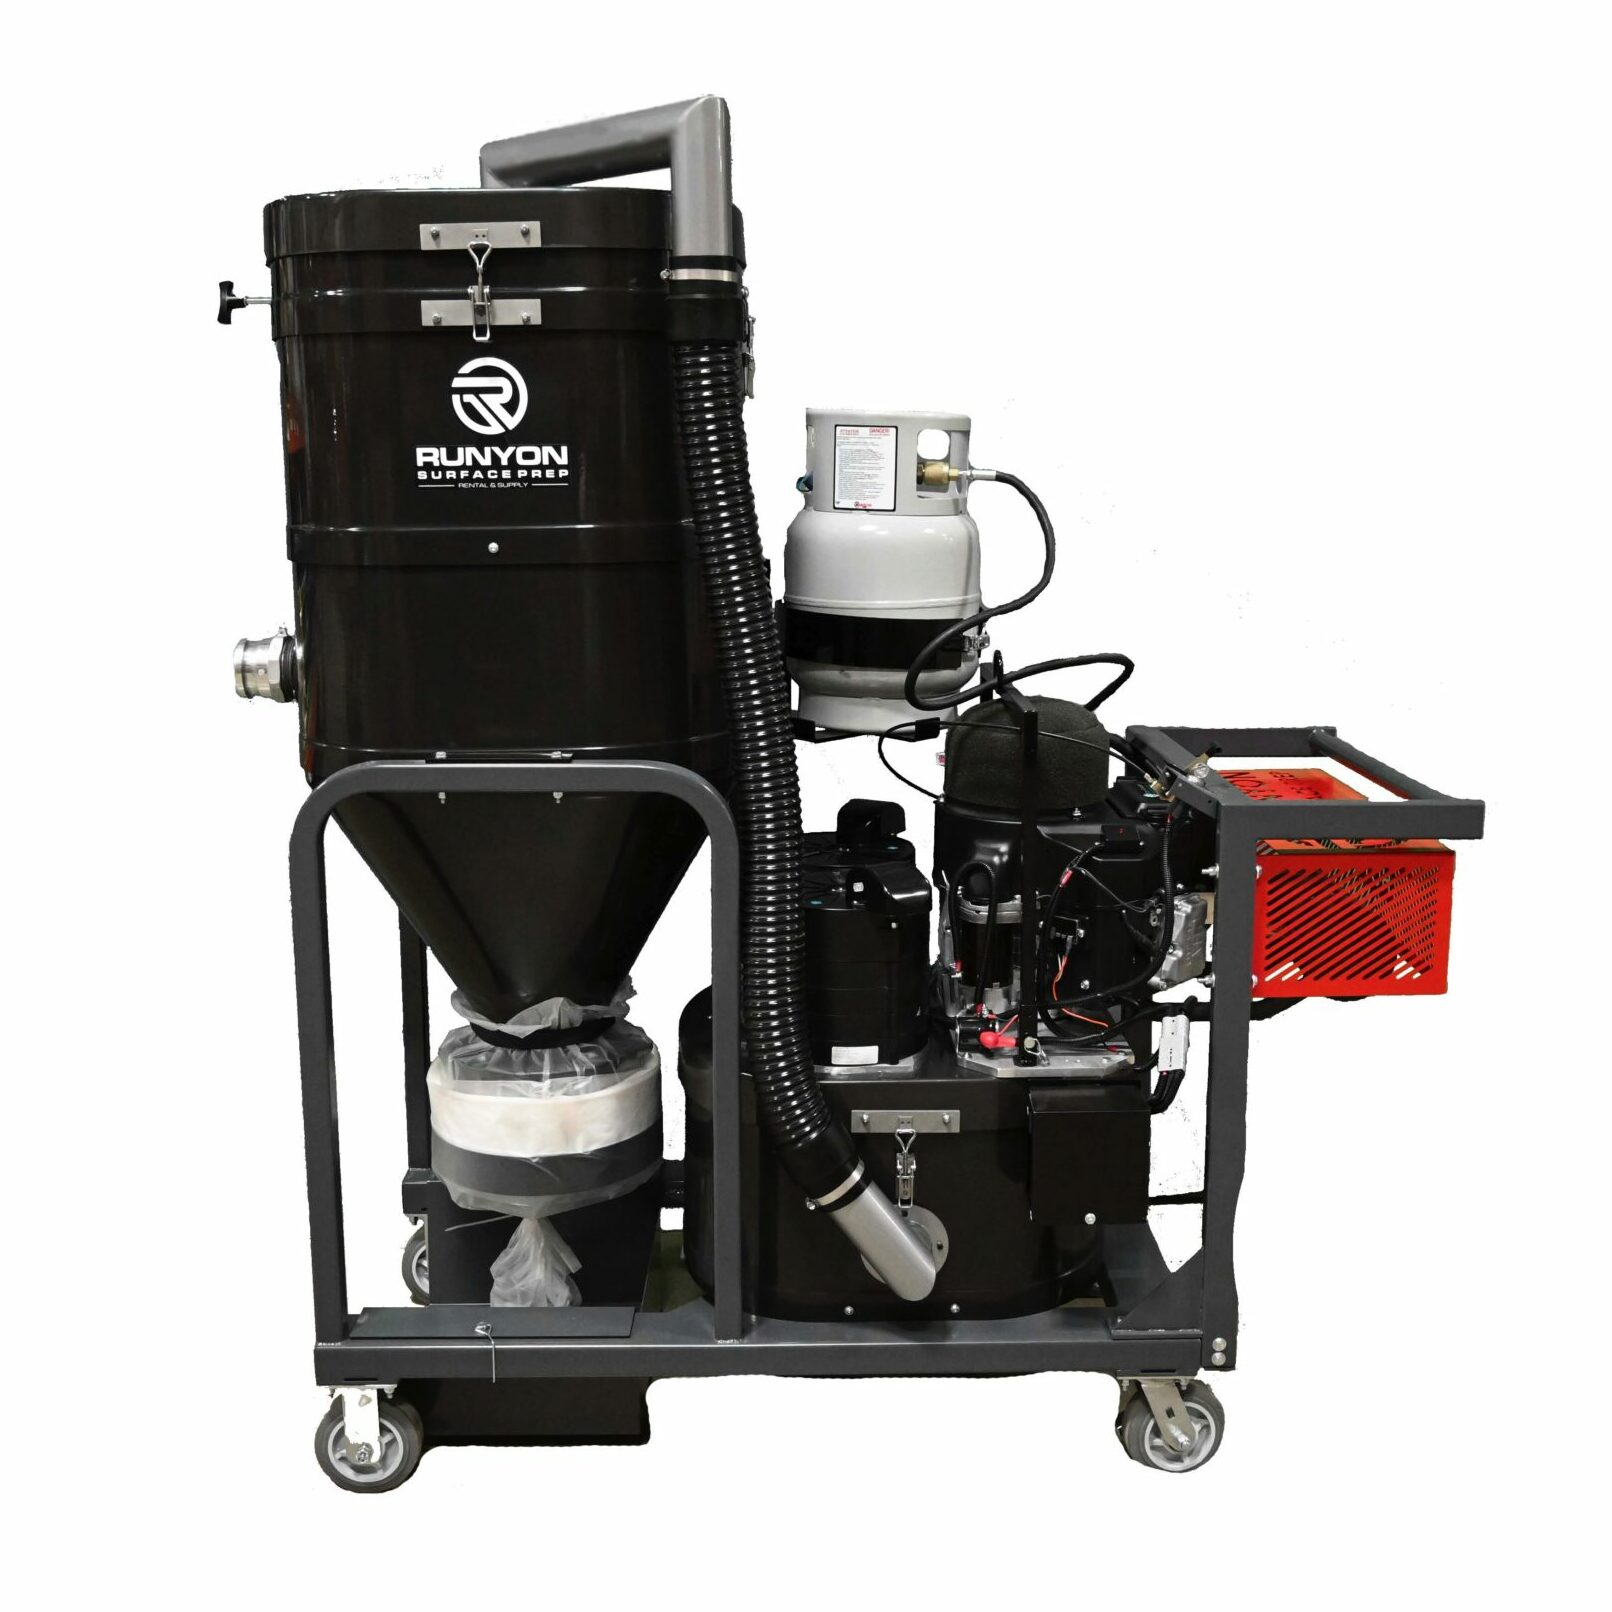 Runyon 630 Vacuum